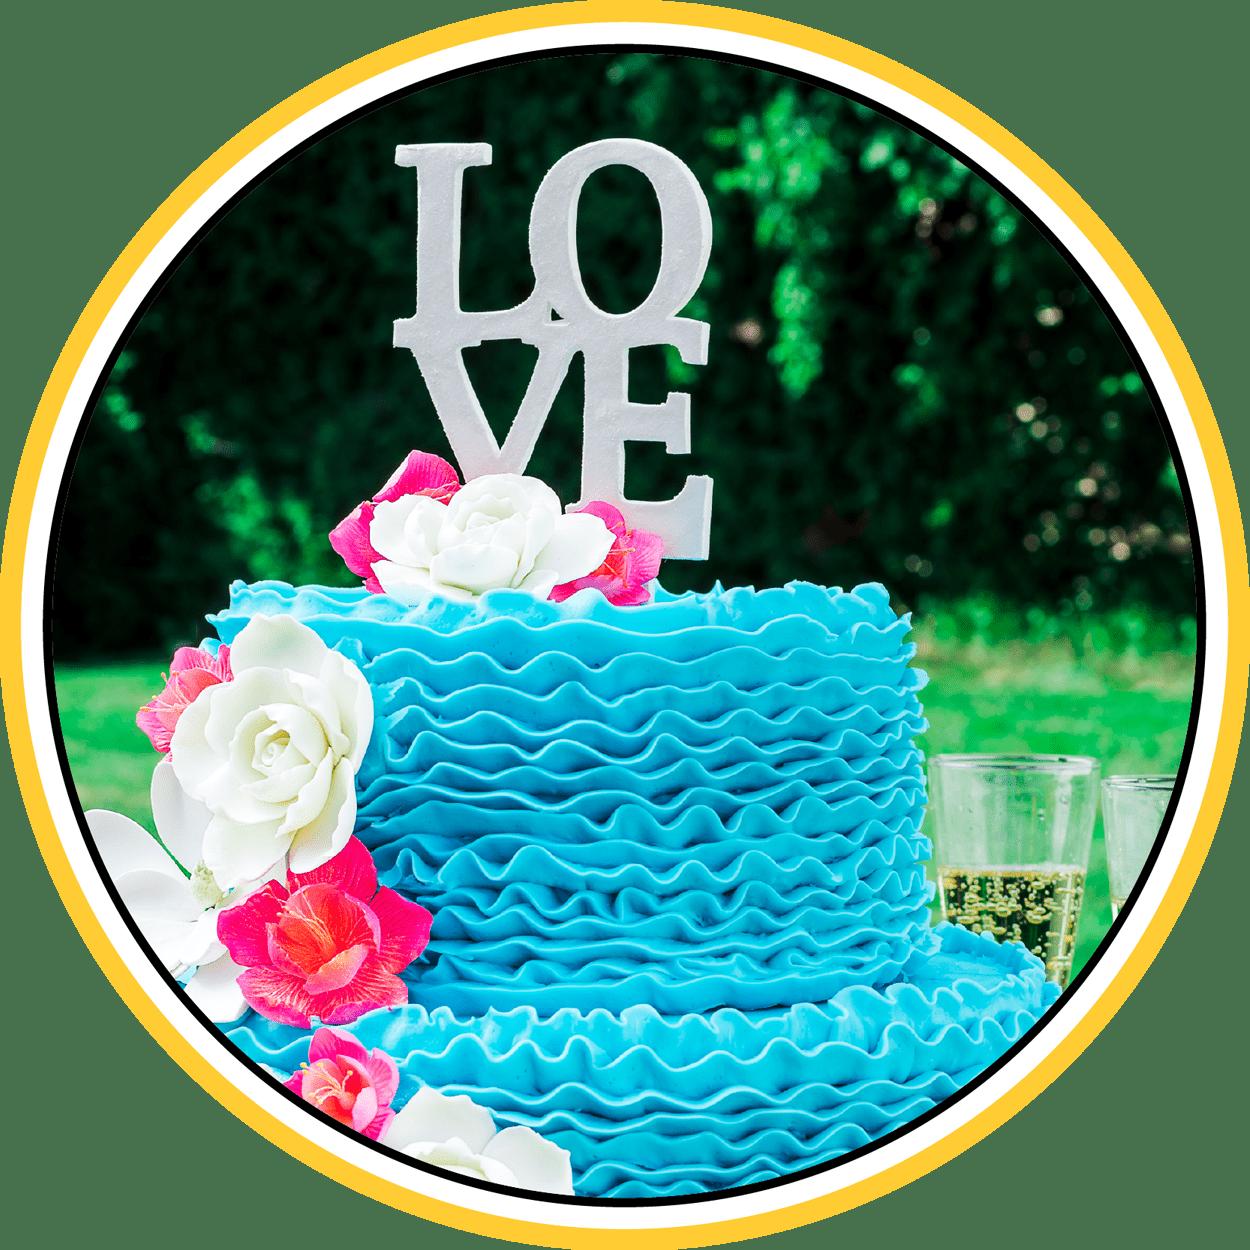 cakesNEW